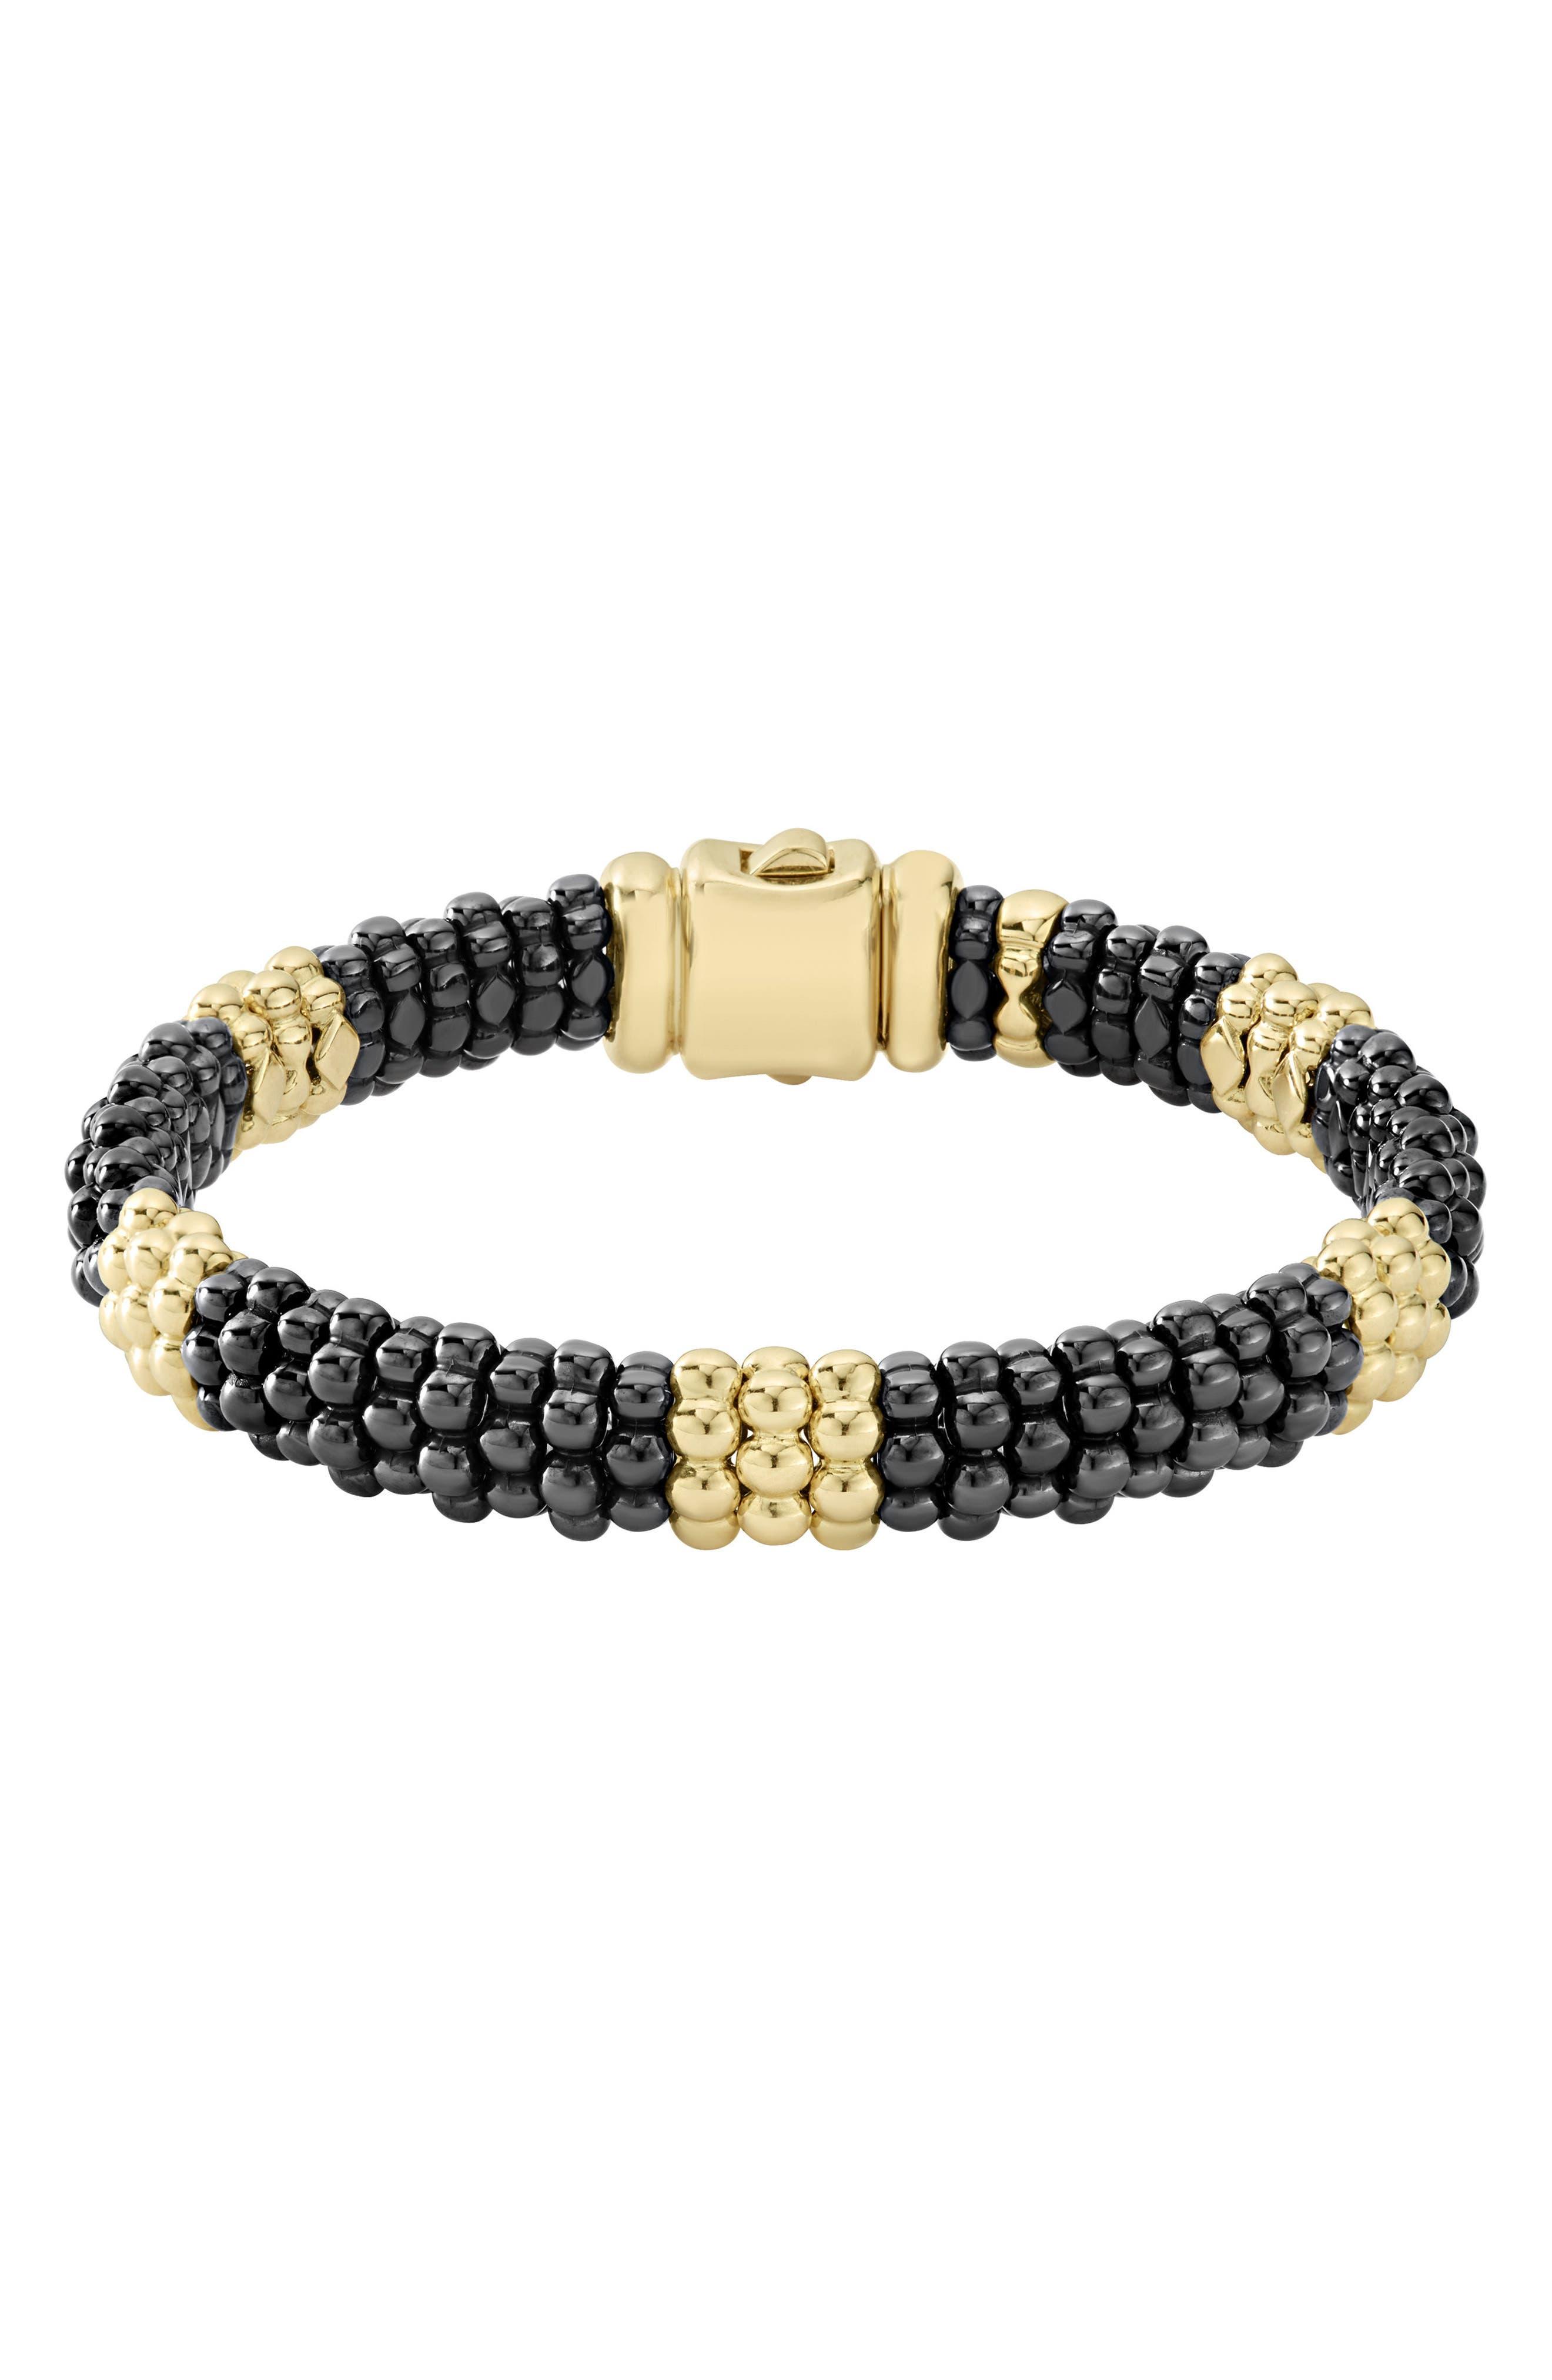 Gold & Black Caviar Station Bracelet,                         Main,                         color, GOLD